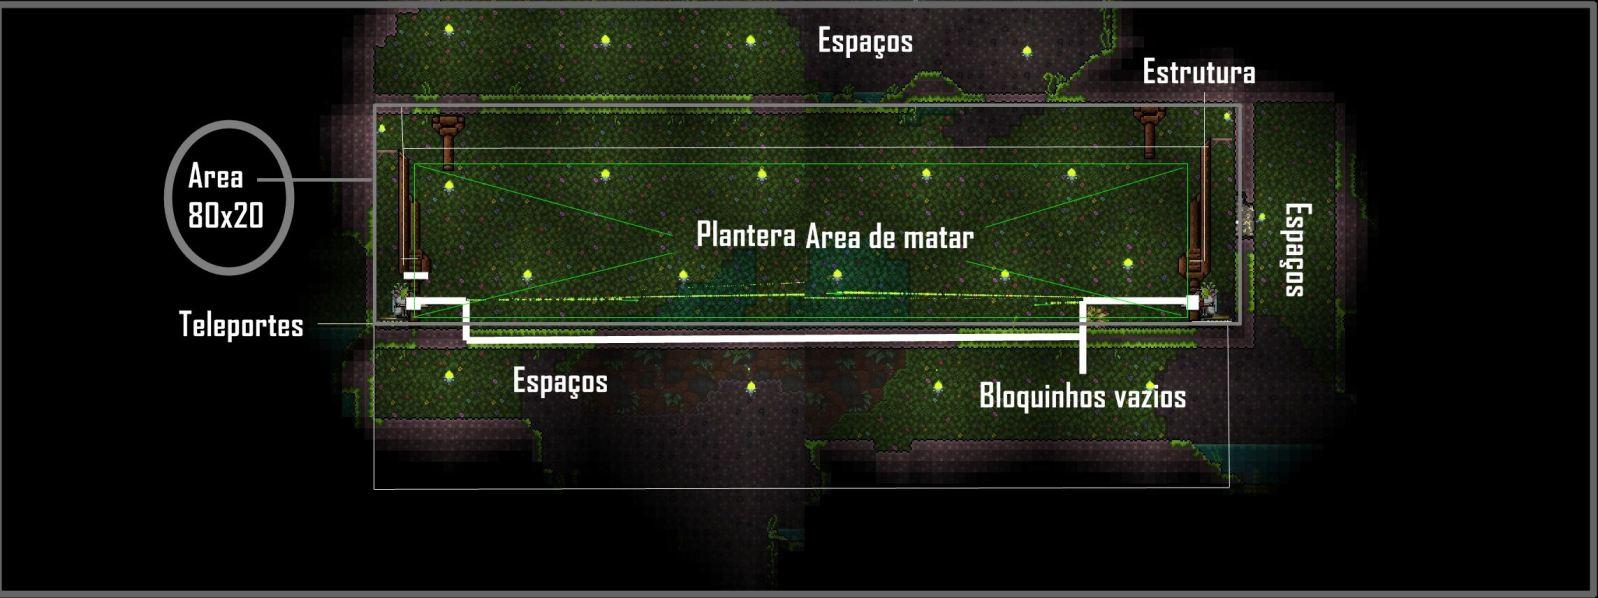 Arena: Como derrotar a Plantera facilmente 1zflhj7